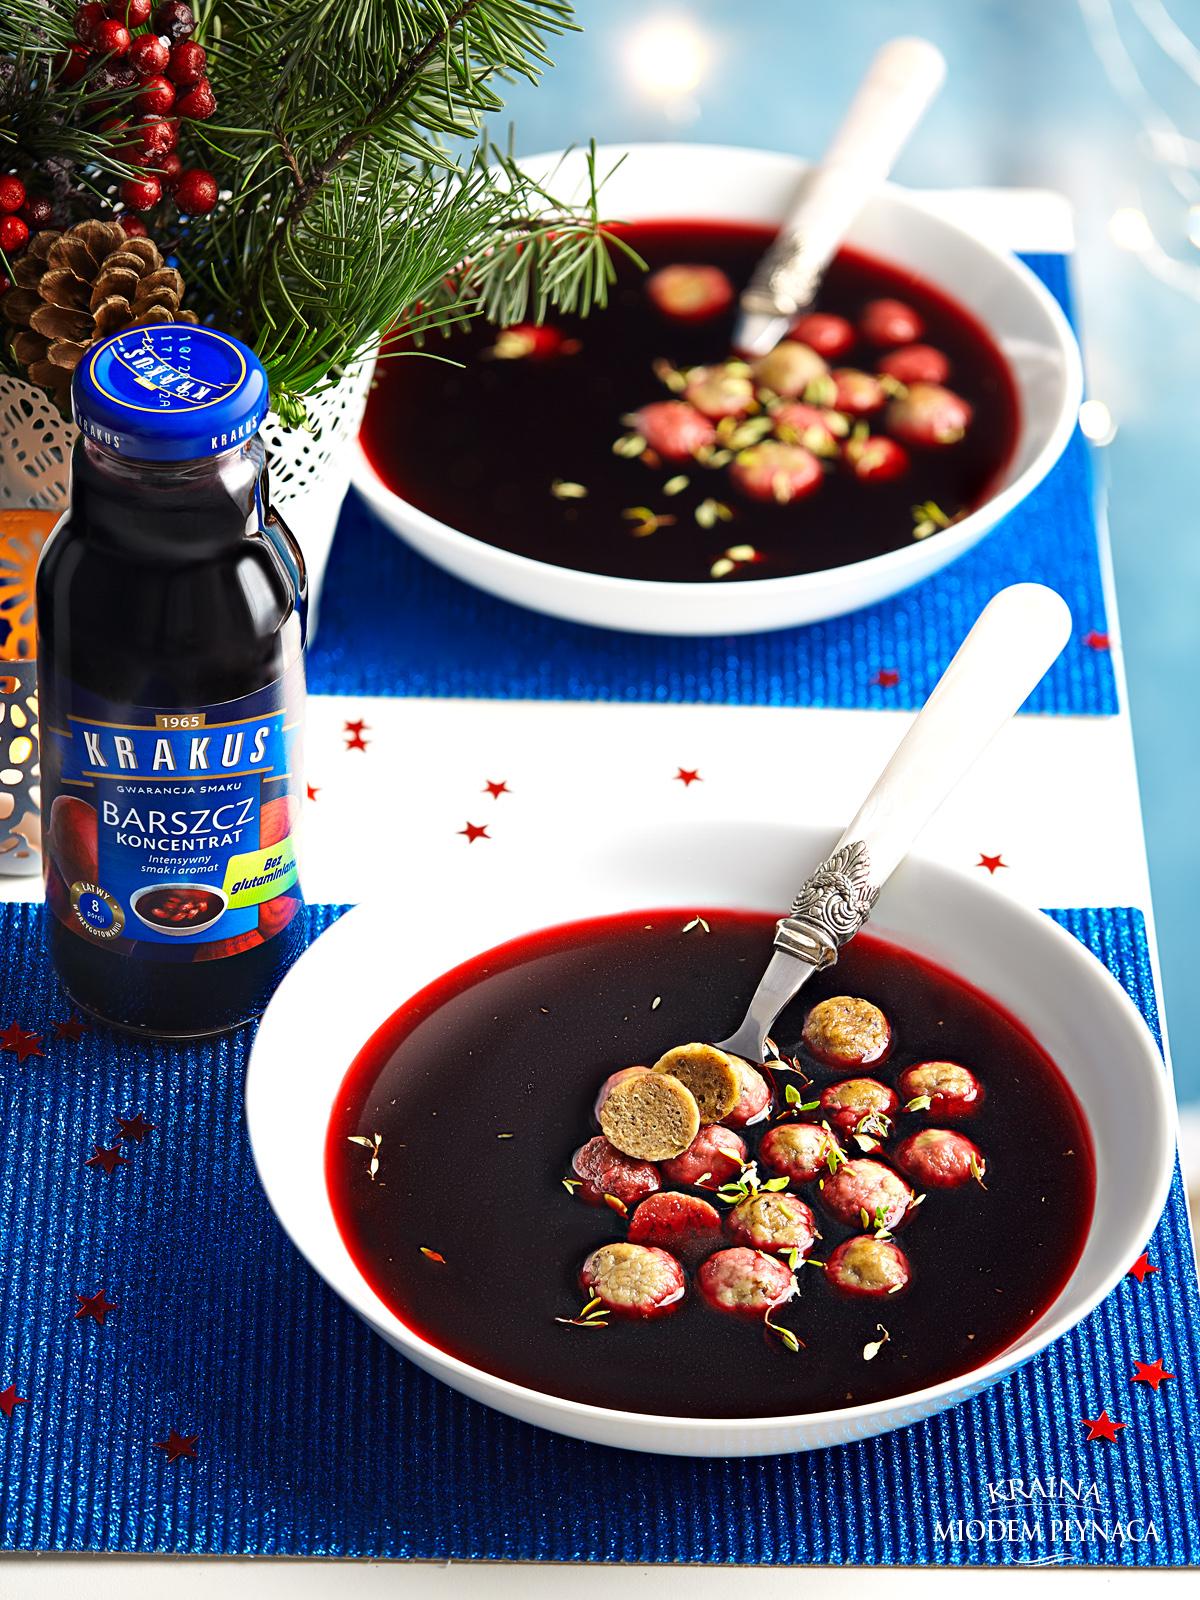 barszcz czerwony krakus, barszcz czerwony na święta, kluseczki grzybowe, dania z grzybów, kraina miodem płynąca, fotografia kulinarna